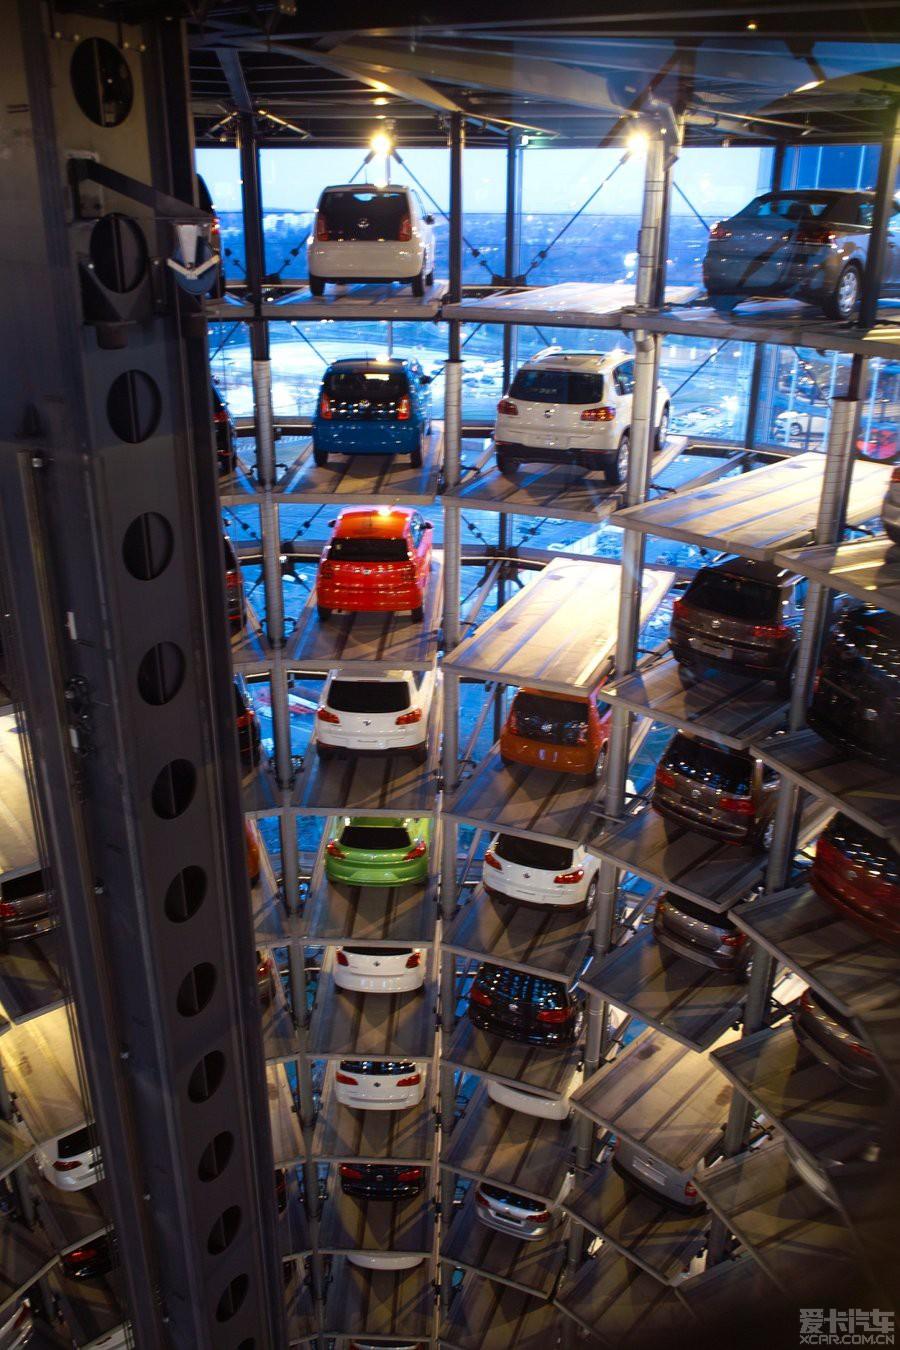 狼堡/德国大众汽车公司/总部所在地/停车楼